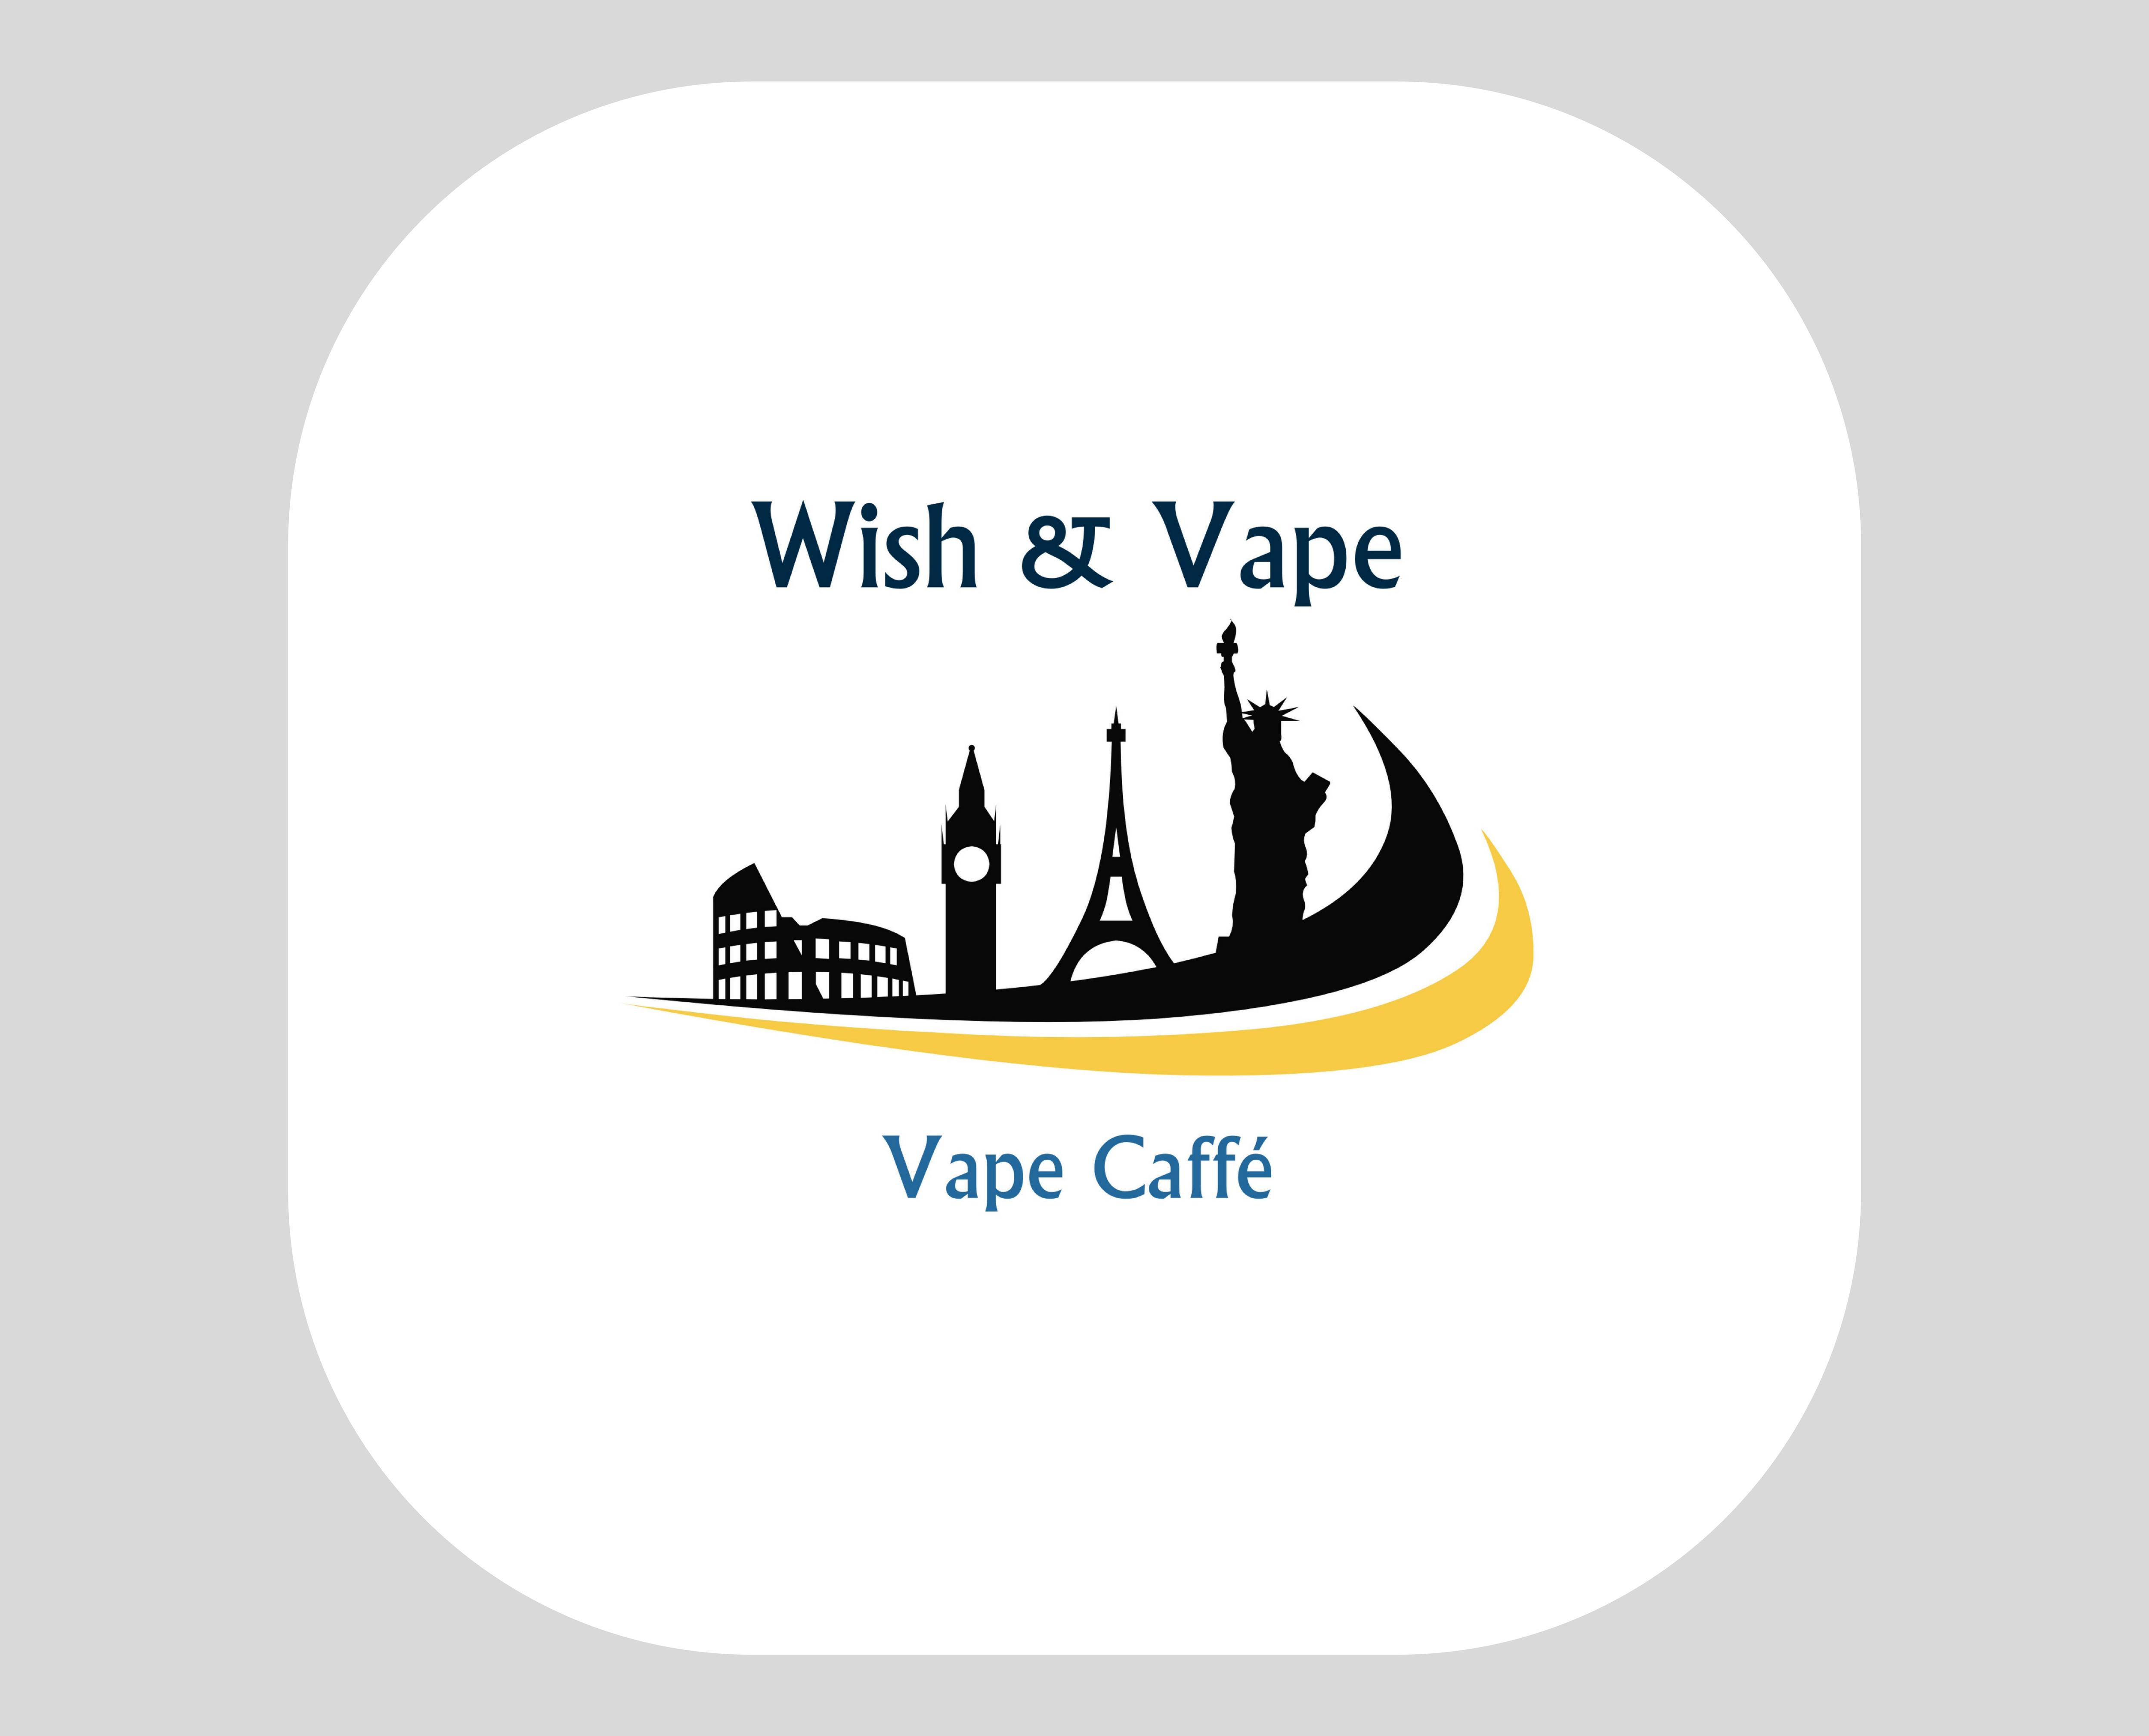 Boutique de vape spécialisée Wish et Vape Caffé située à BOUXWILLER